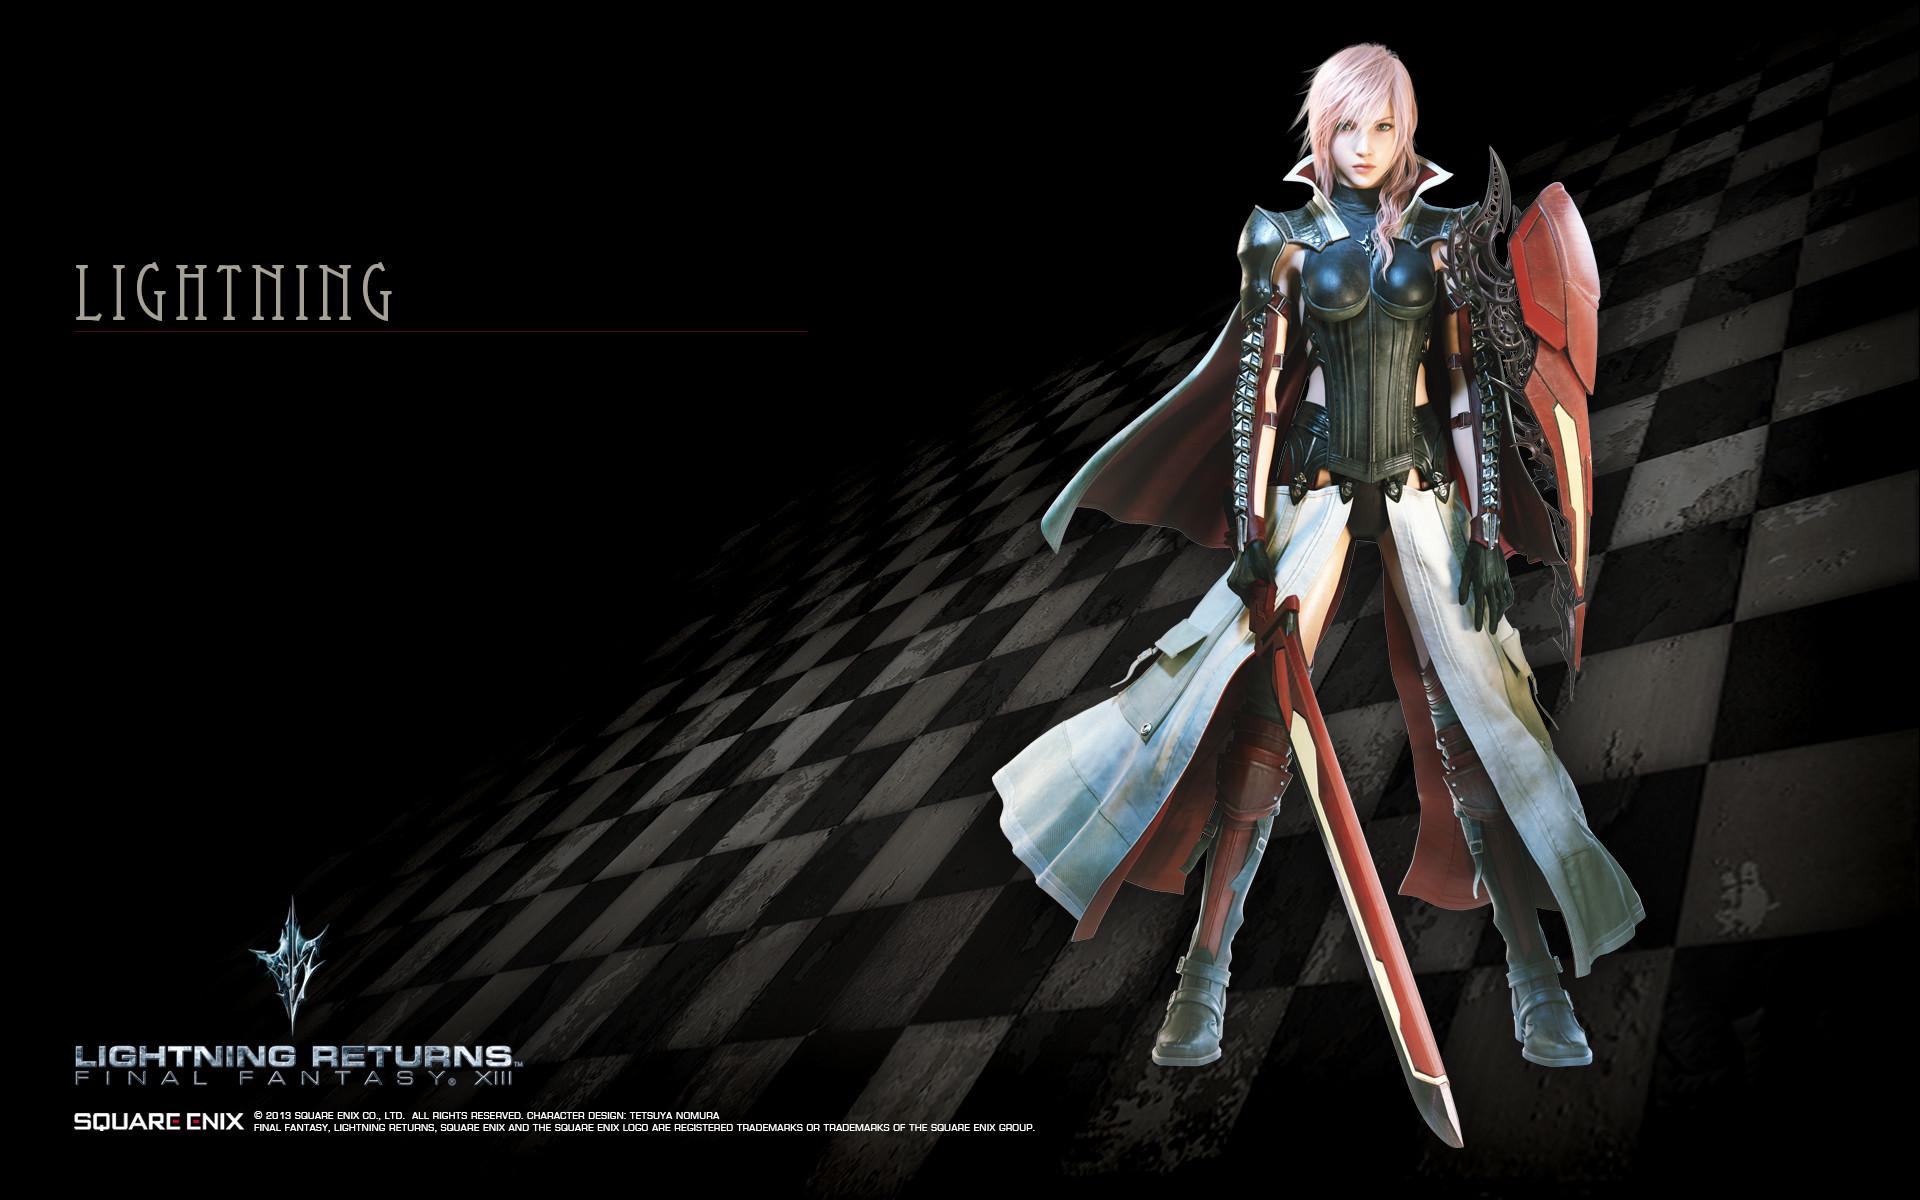 final fantasy 13 lightning returns ost download